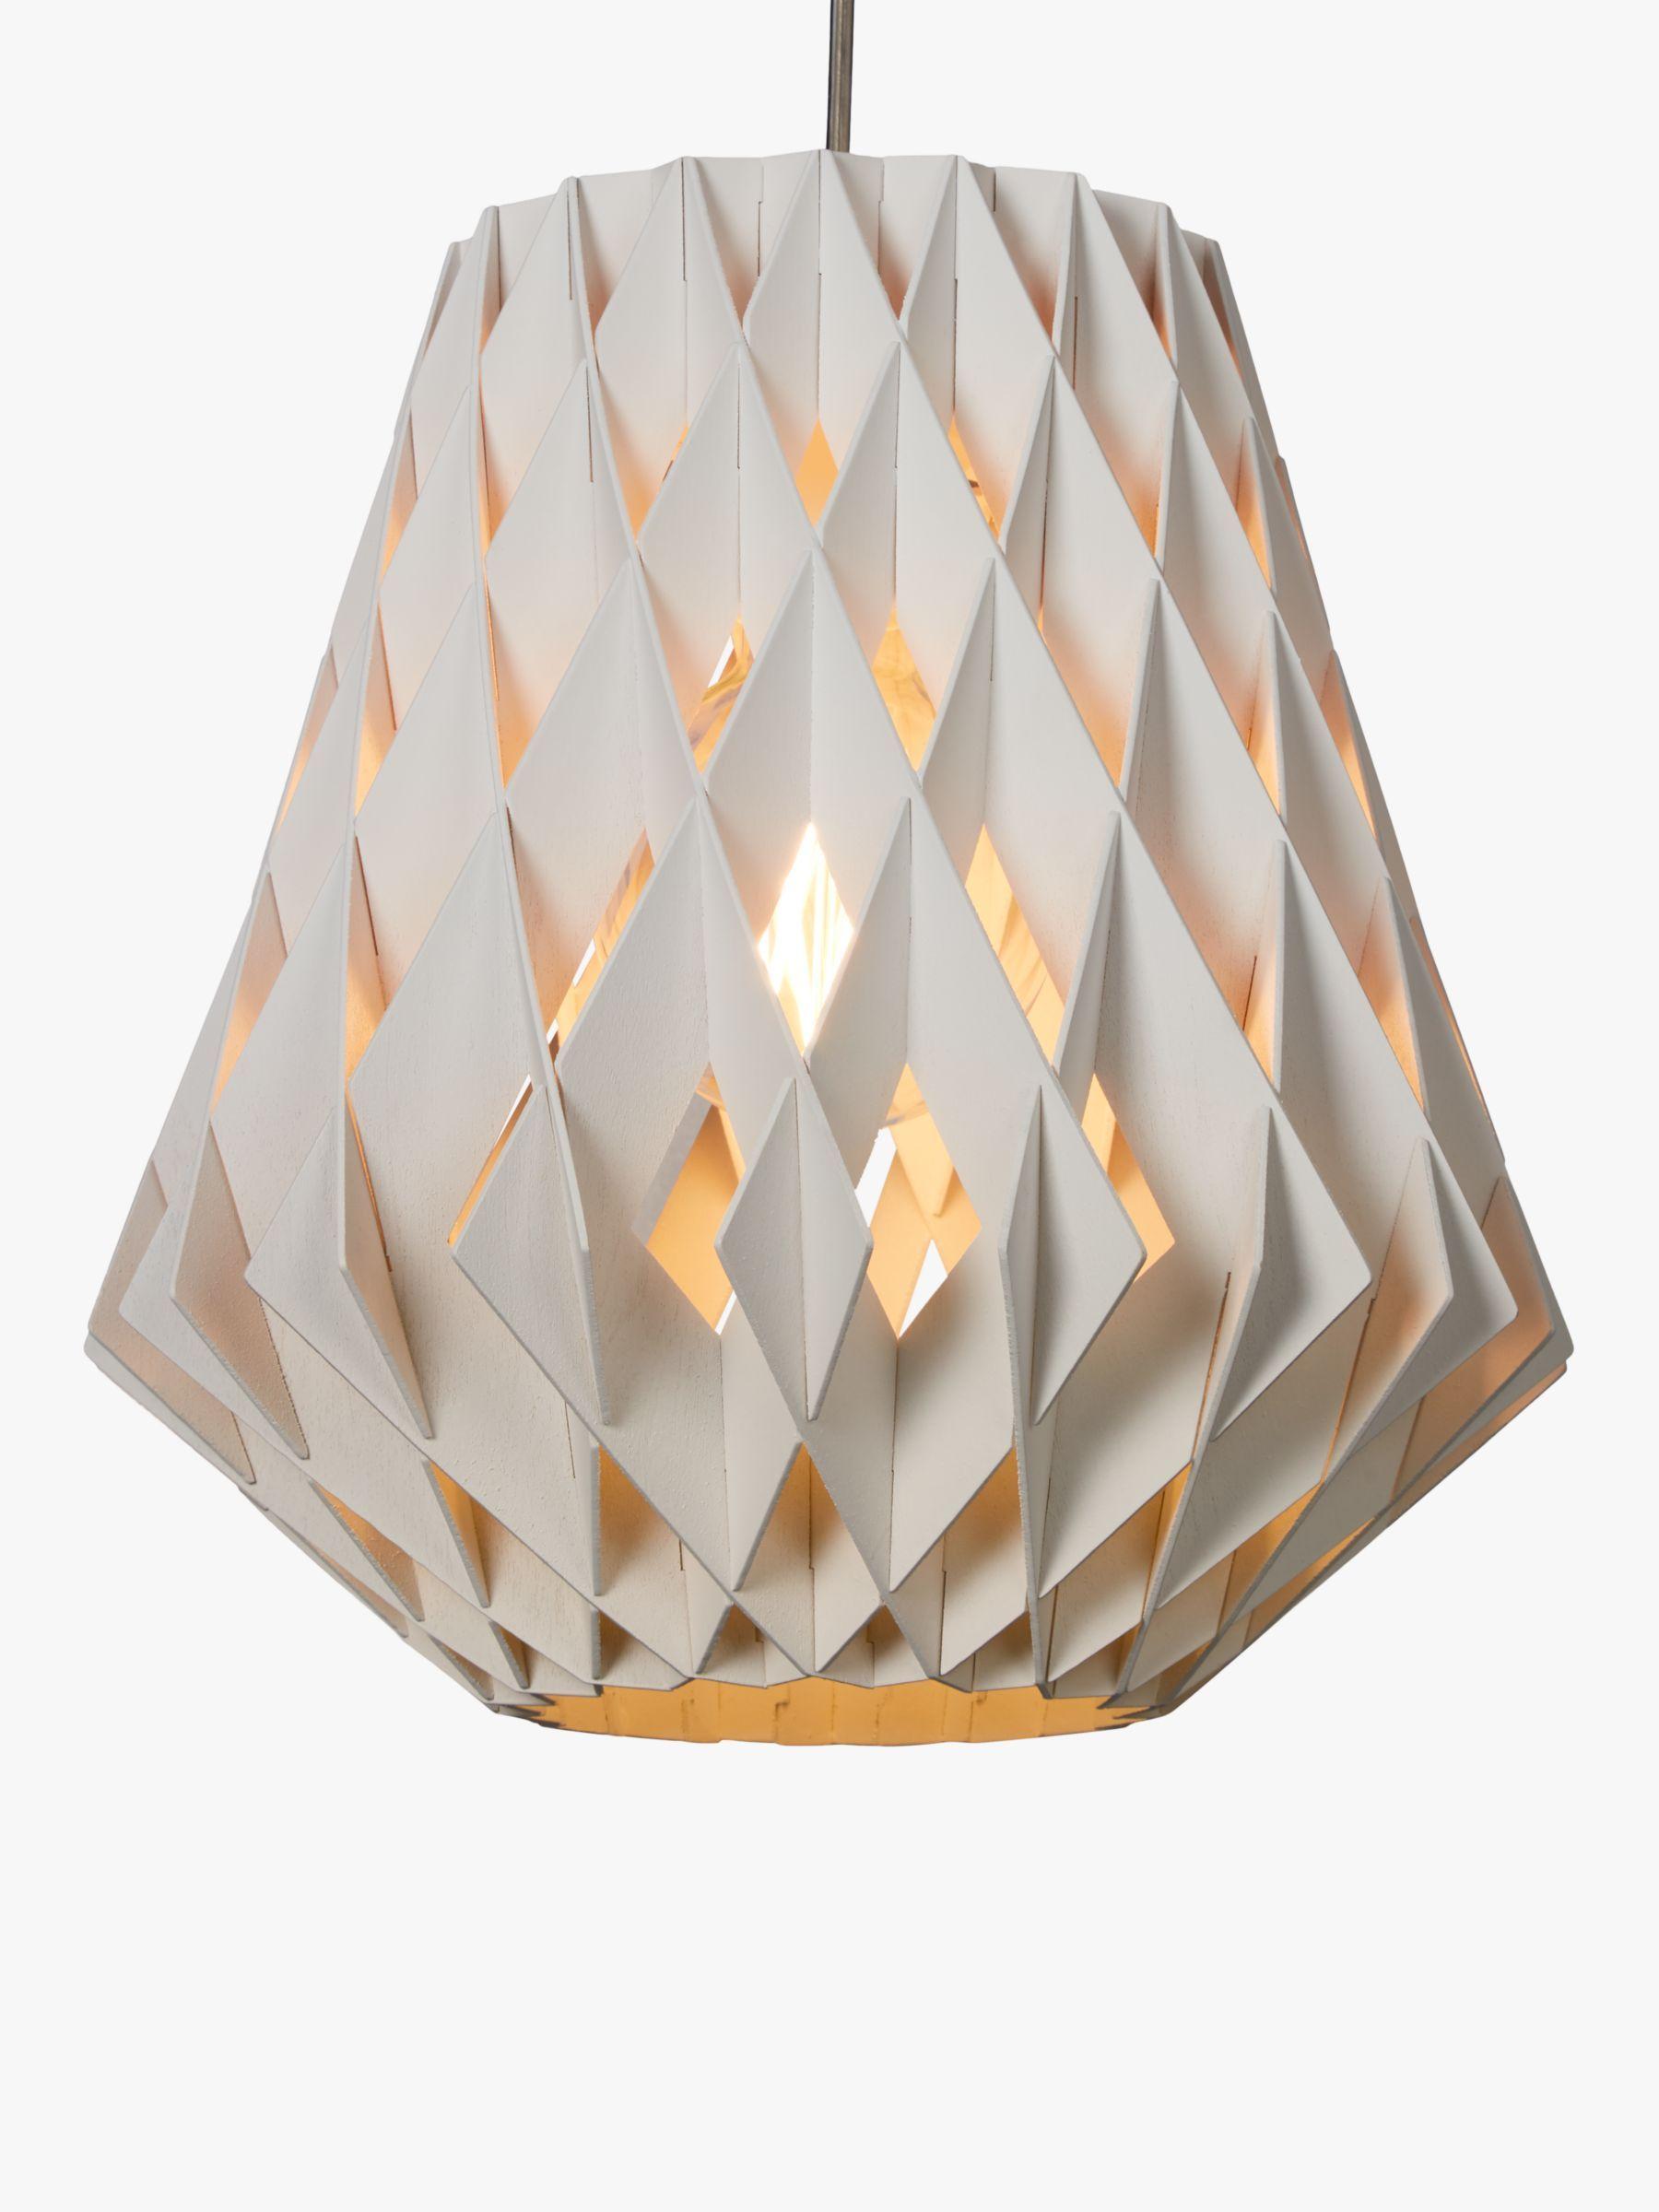 Showroom Finland Pilke Pendant Ceiling Light, 36cm, White